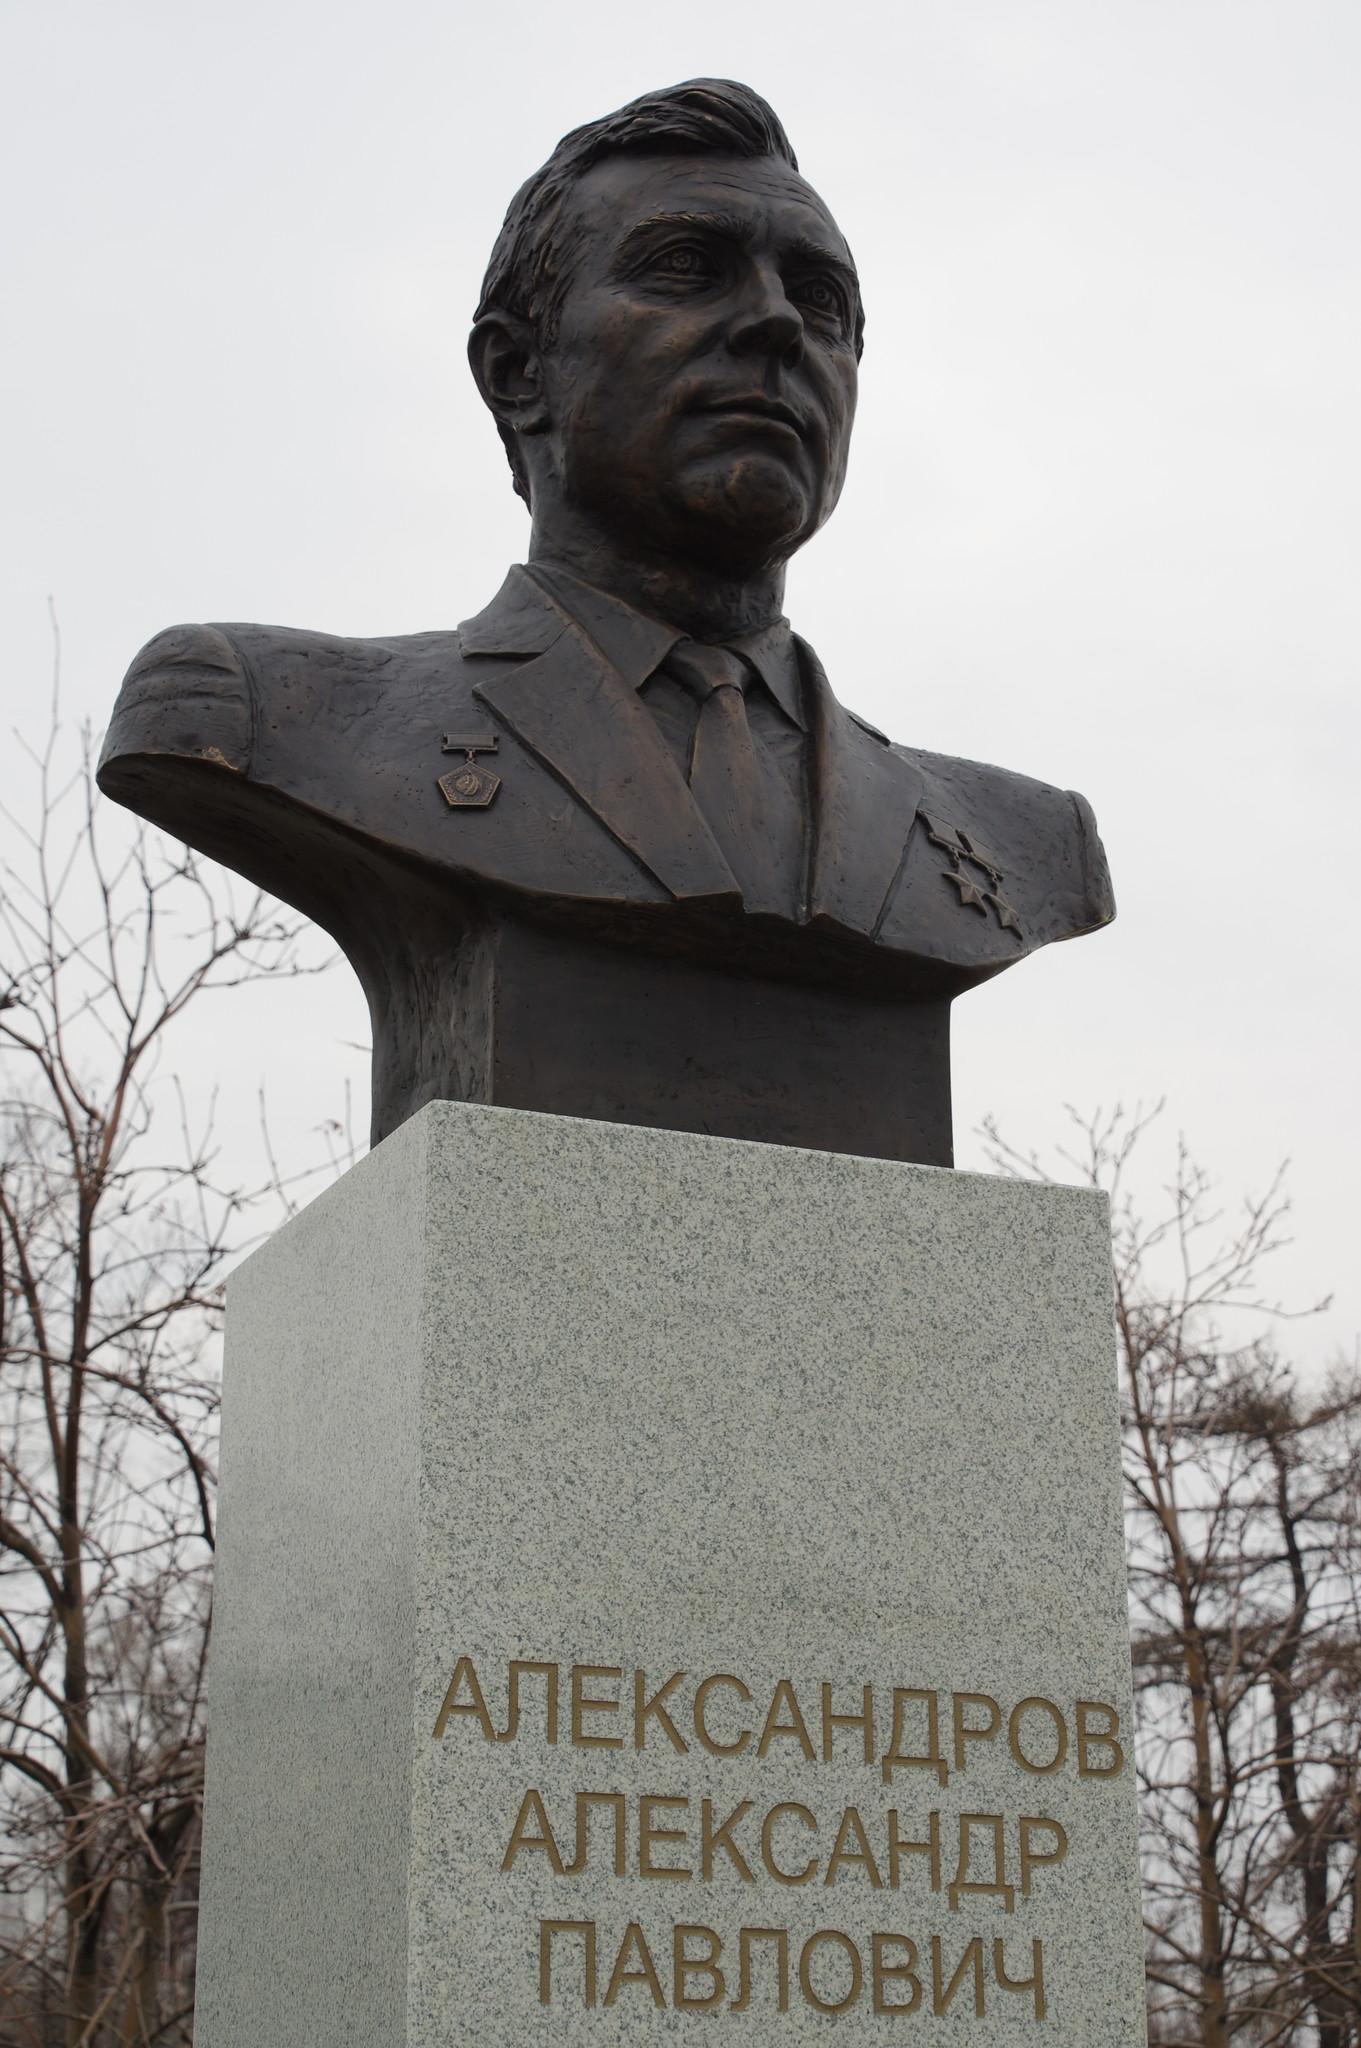 Памятный бюст дважды Героя Советского Союза Александра Павловича Александрова на Аллее космонавтов в Москве